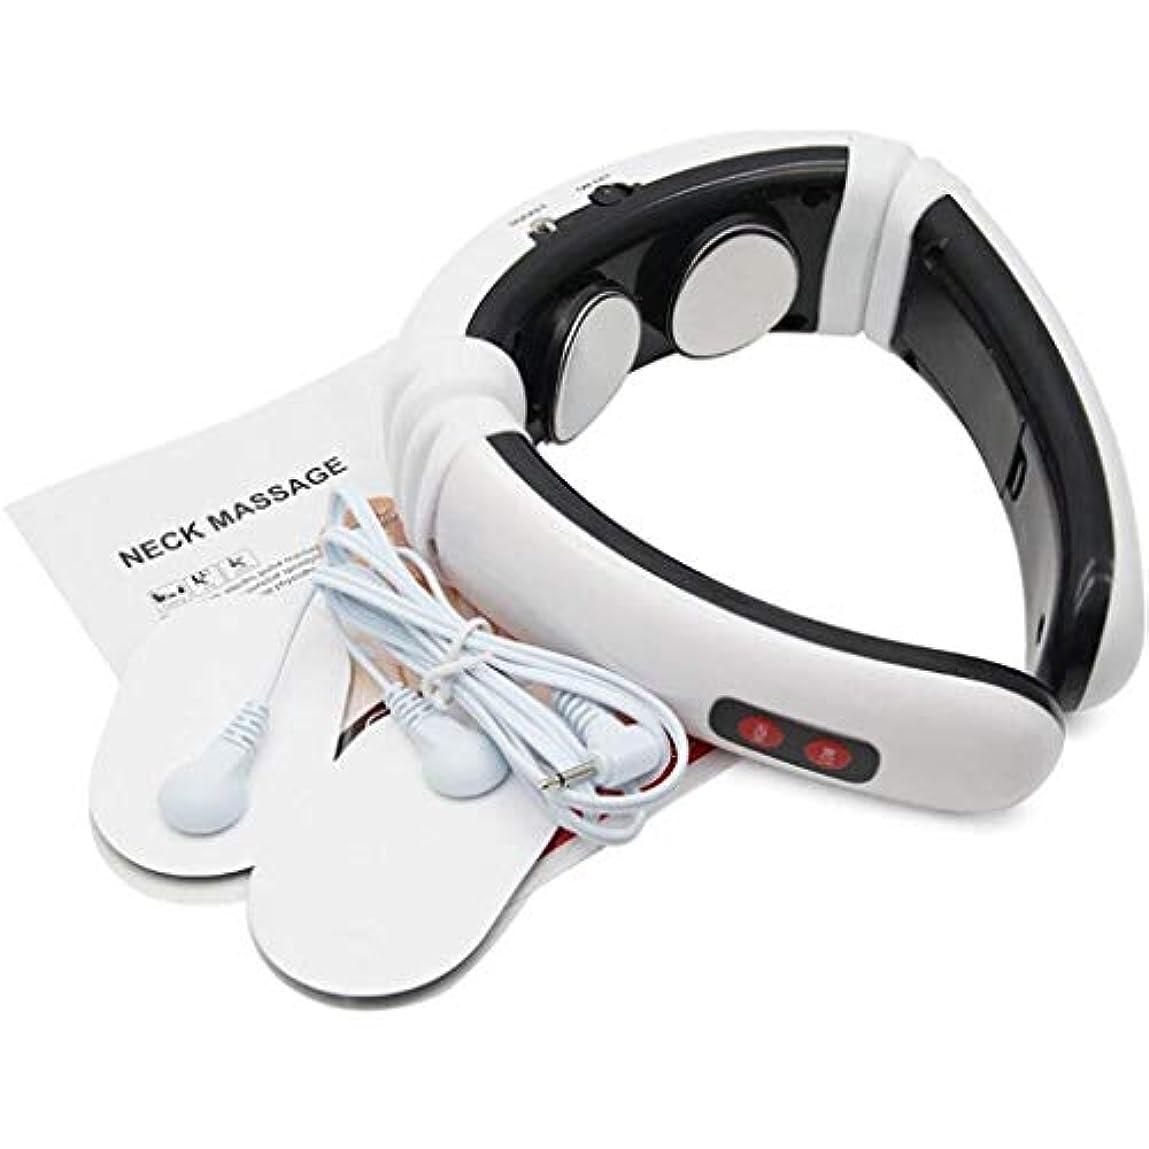 変動する攻撃ネックマッサージャー、インテリジェント電気子宮頸マッサージ、赤外線マッサージは、痛みを和らげる、プレッシャーをリラックス